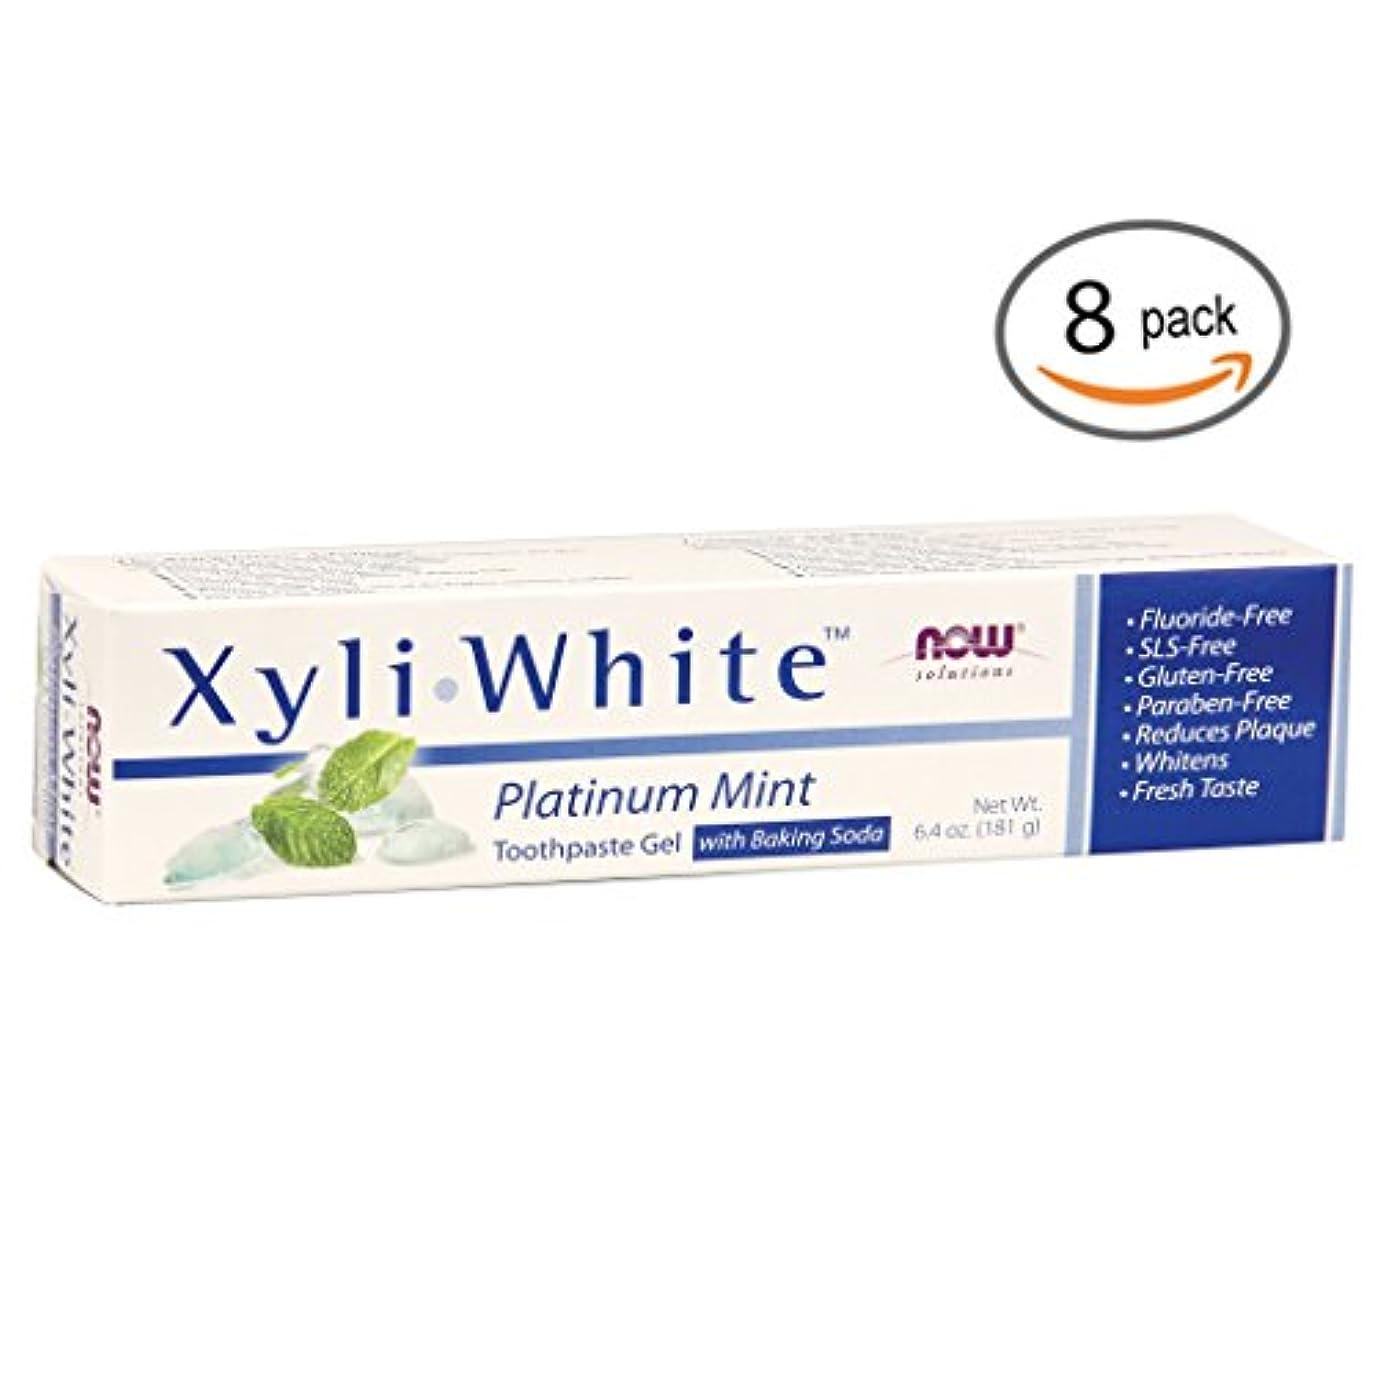 寝てる満足できるあいまいキシリホワイト 歯磨き粉  プラチナミント+ベーキングソーダ 182g 2個パック